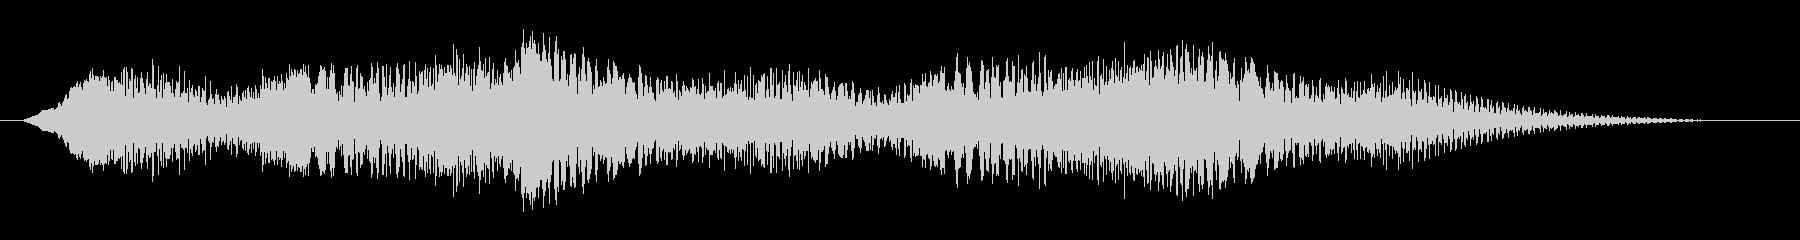 素材 揺れるドローン06の未再生の波形